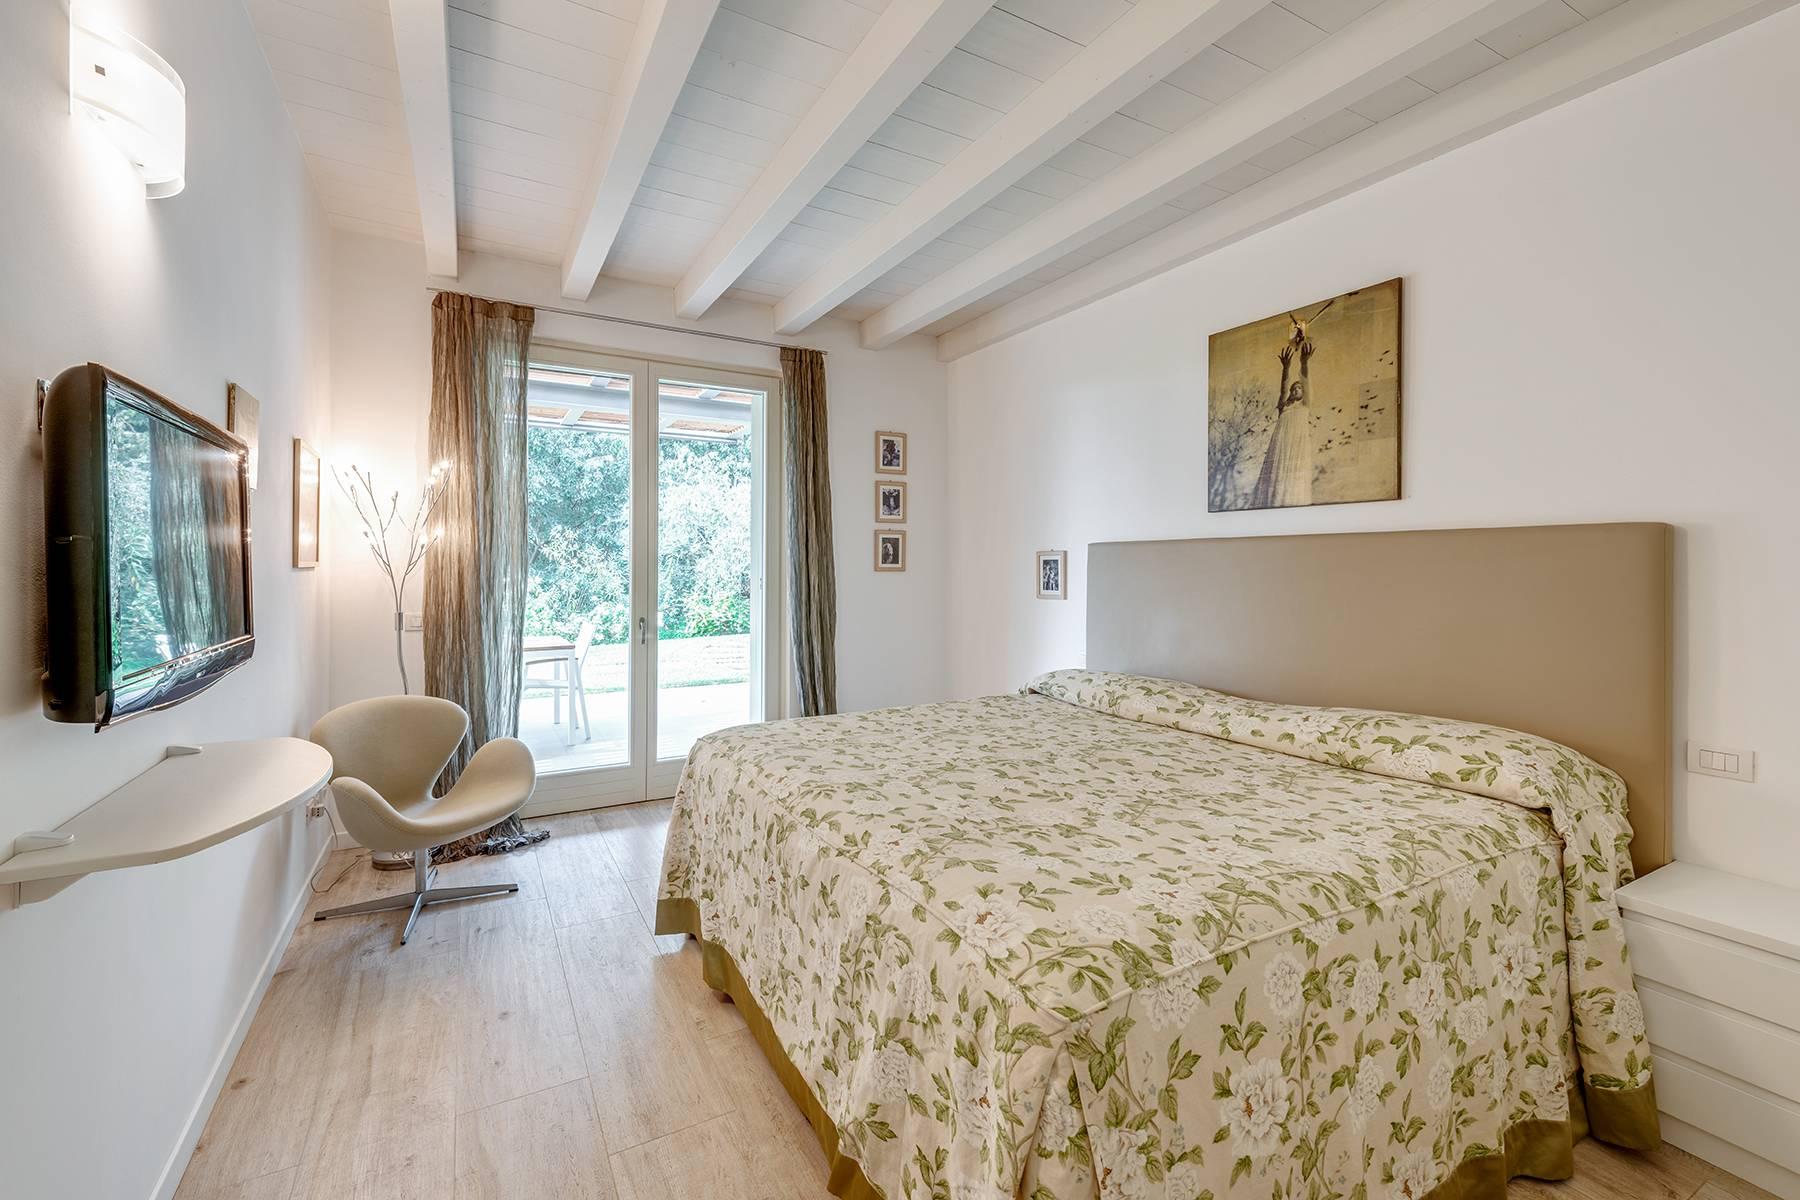 Villa in Vendita a Bardolino: 5 locali, 230 mq - Foto 4